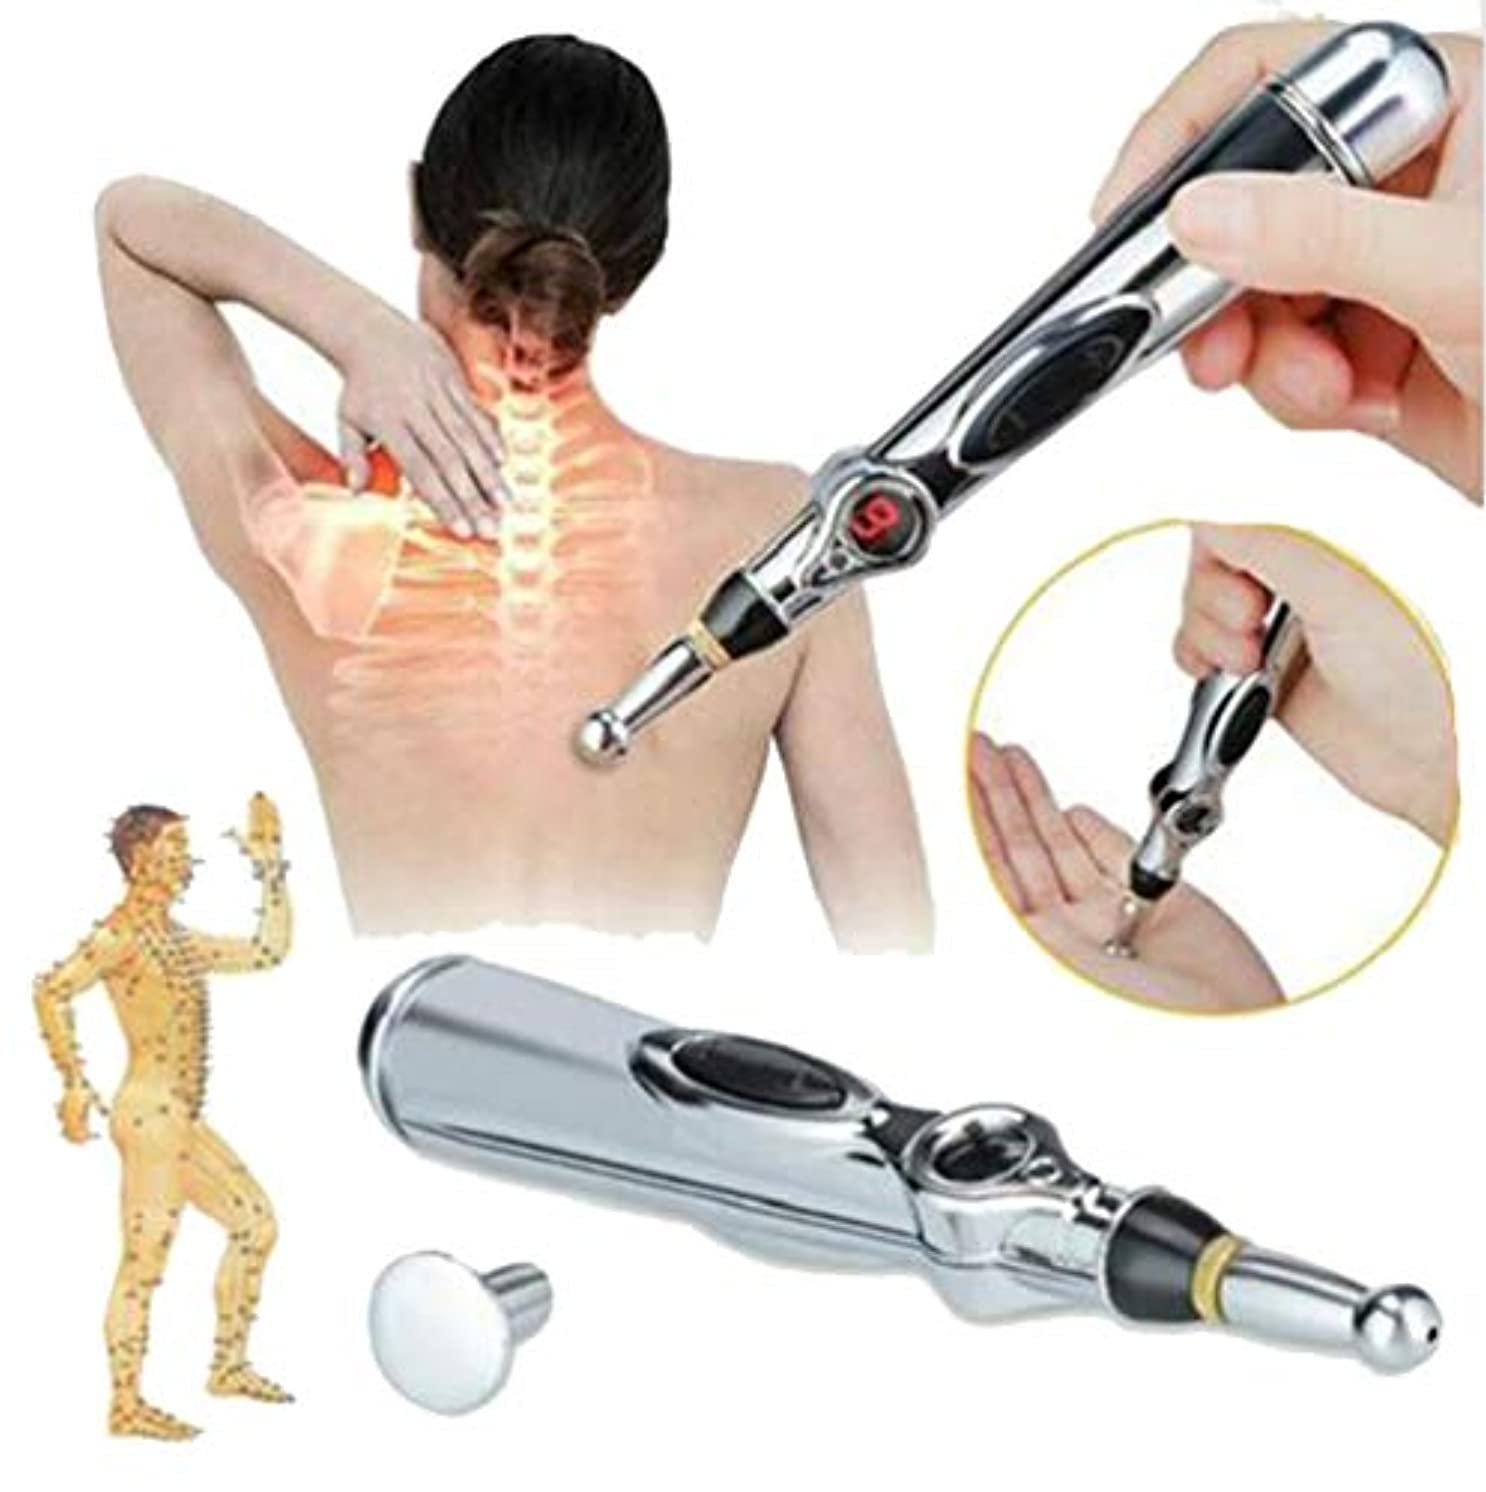 人形離れた連帯電子鍼ペン経絡レーザー鍼灸器マグネットマッサージャー家庭用医療器